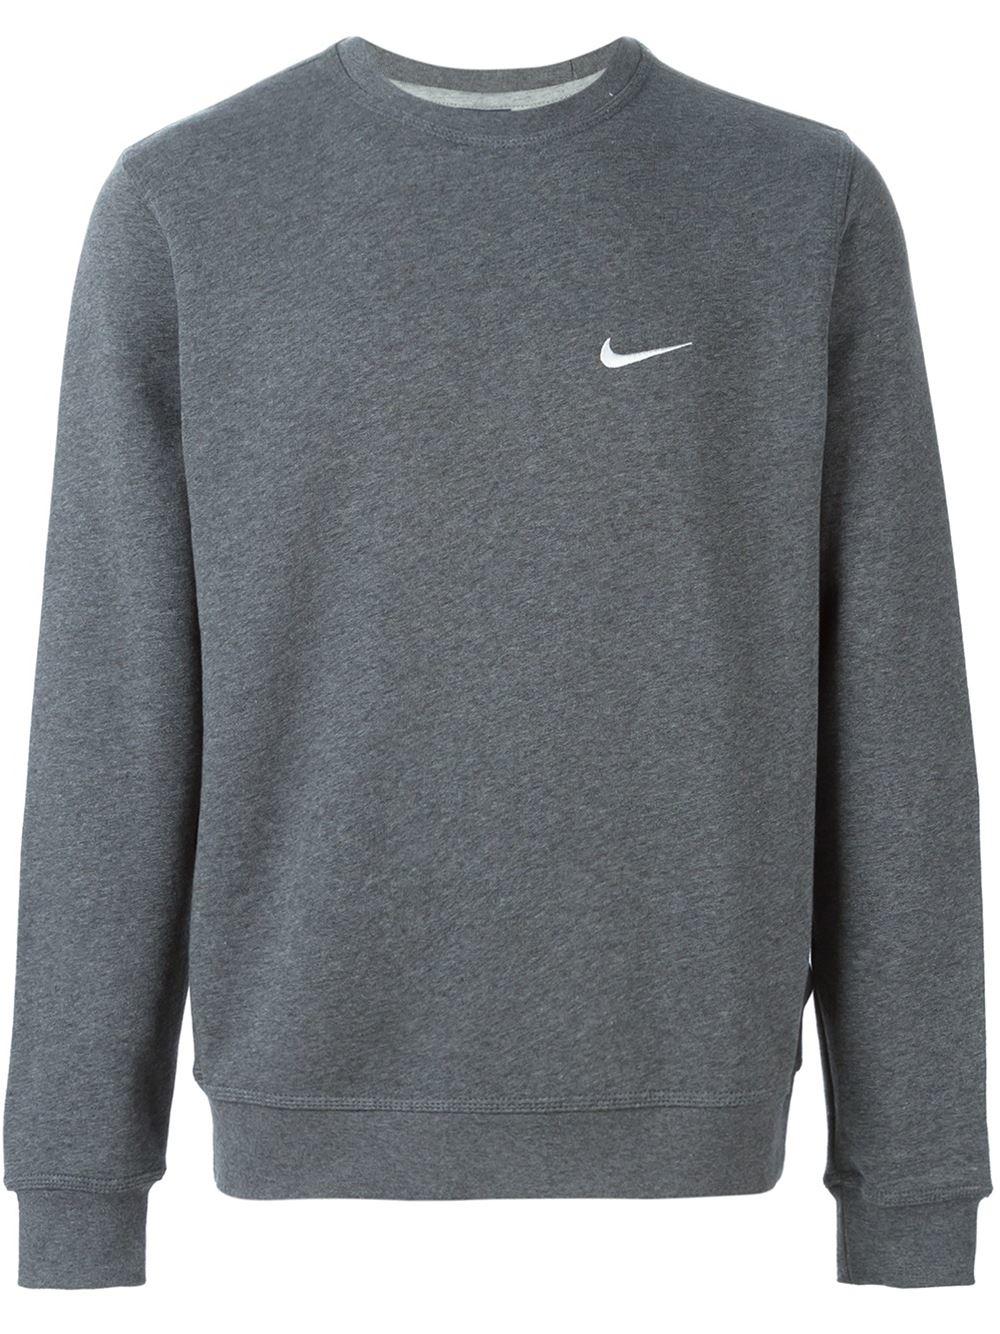 Nike  club Crew  Sweatshirt in Gray for Men - Lyst 87e719863af2